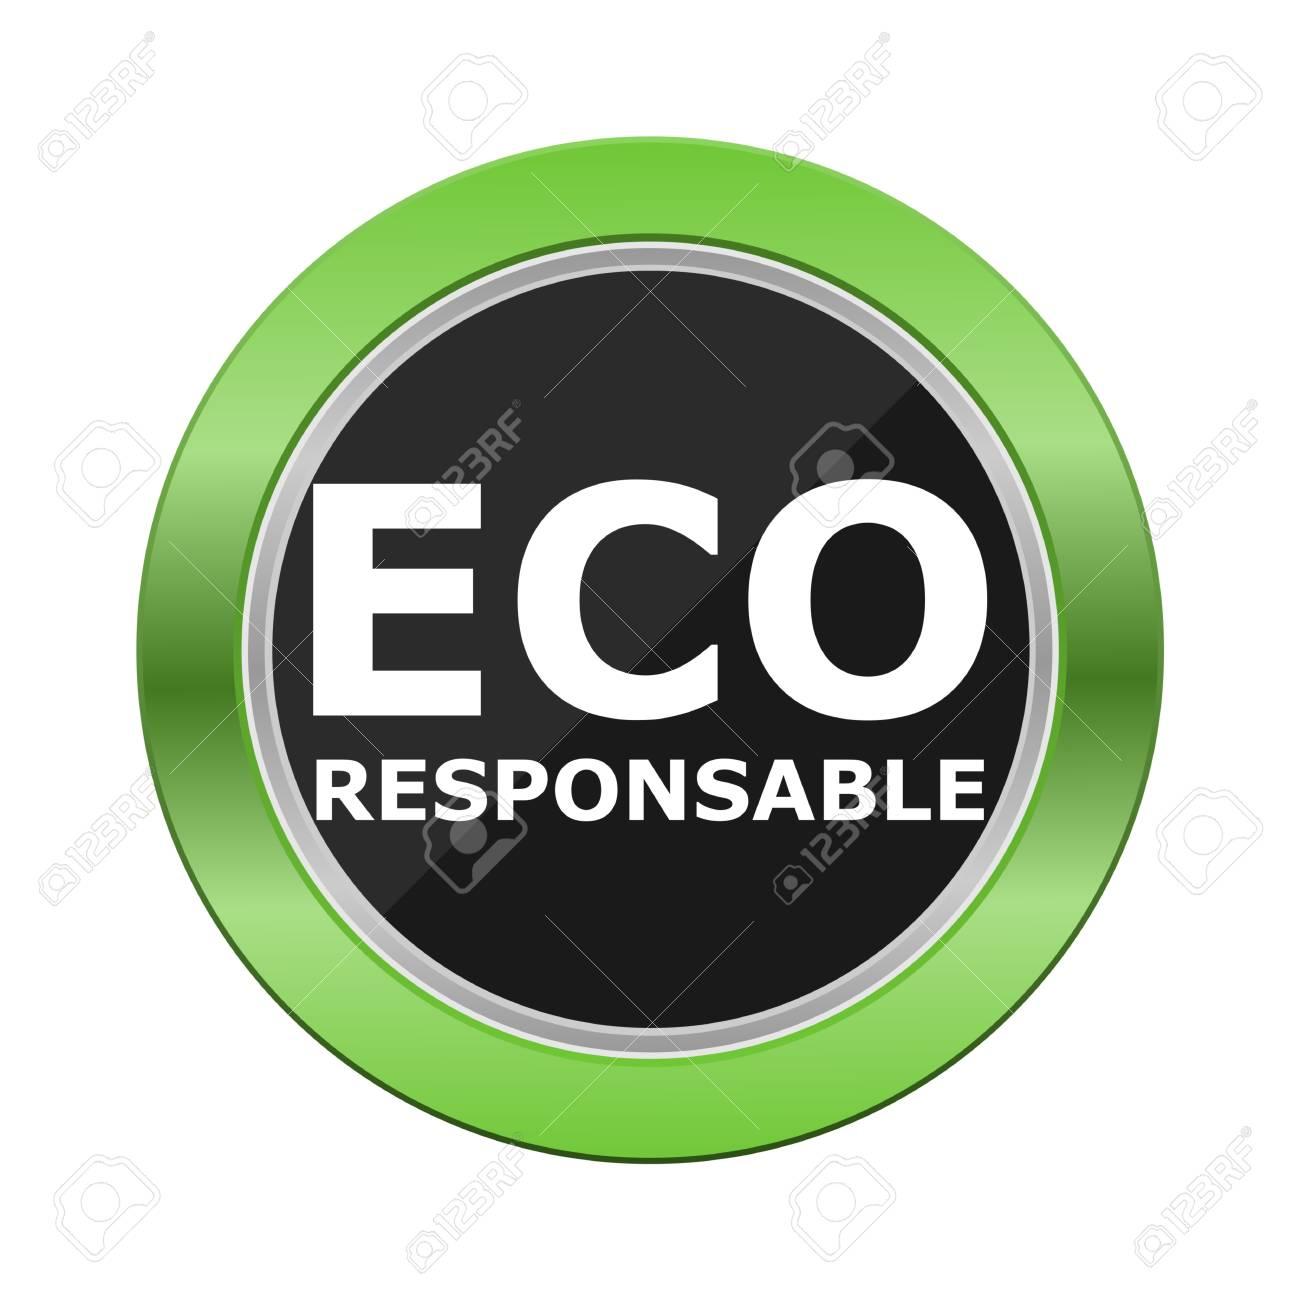 Eco Responsable Green Button - 52019820